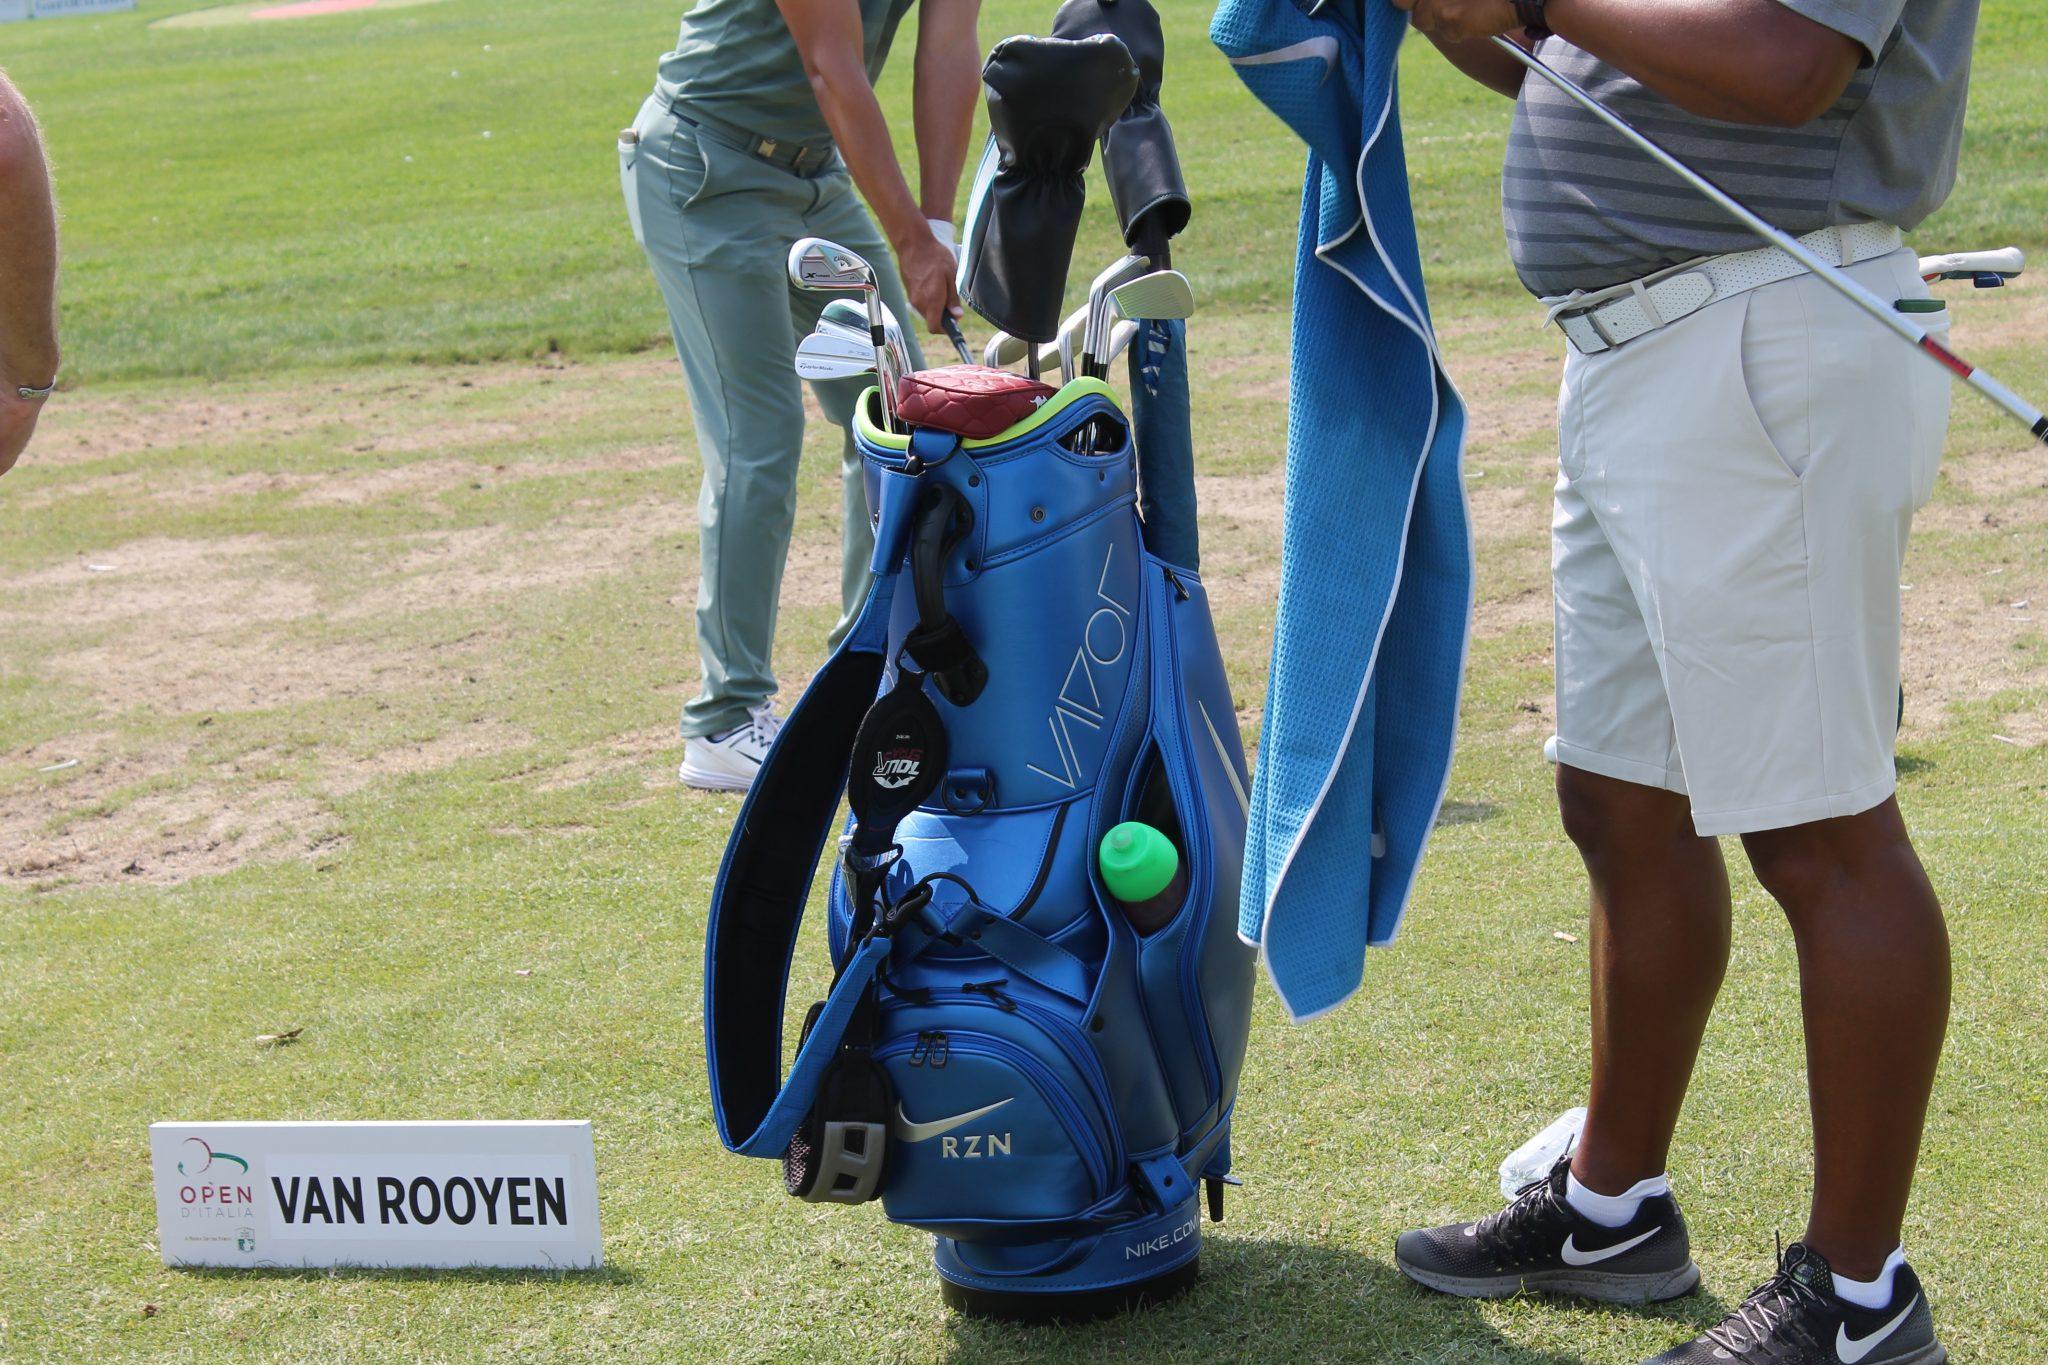 Van Rooyen golf bag